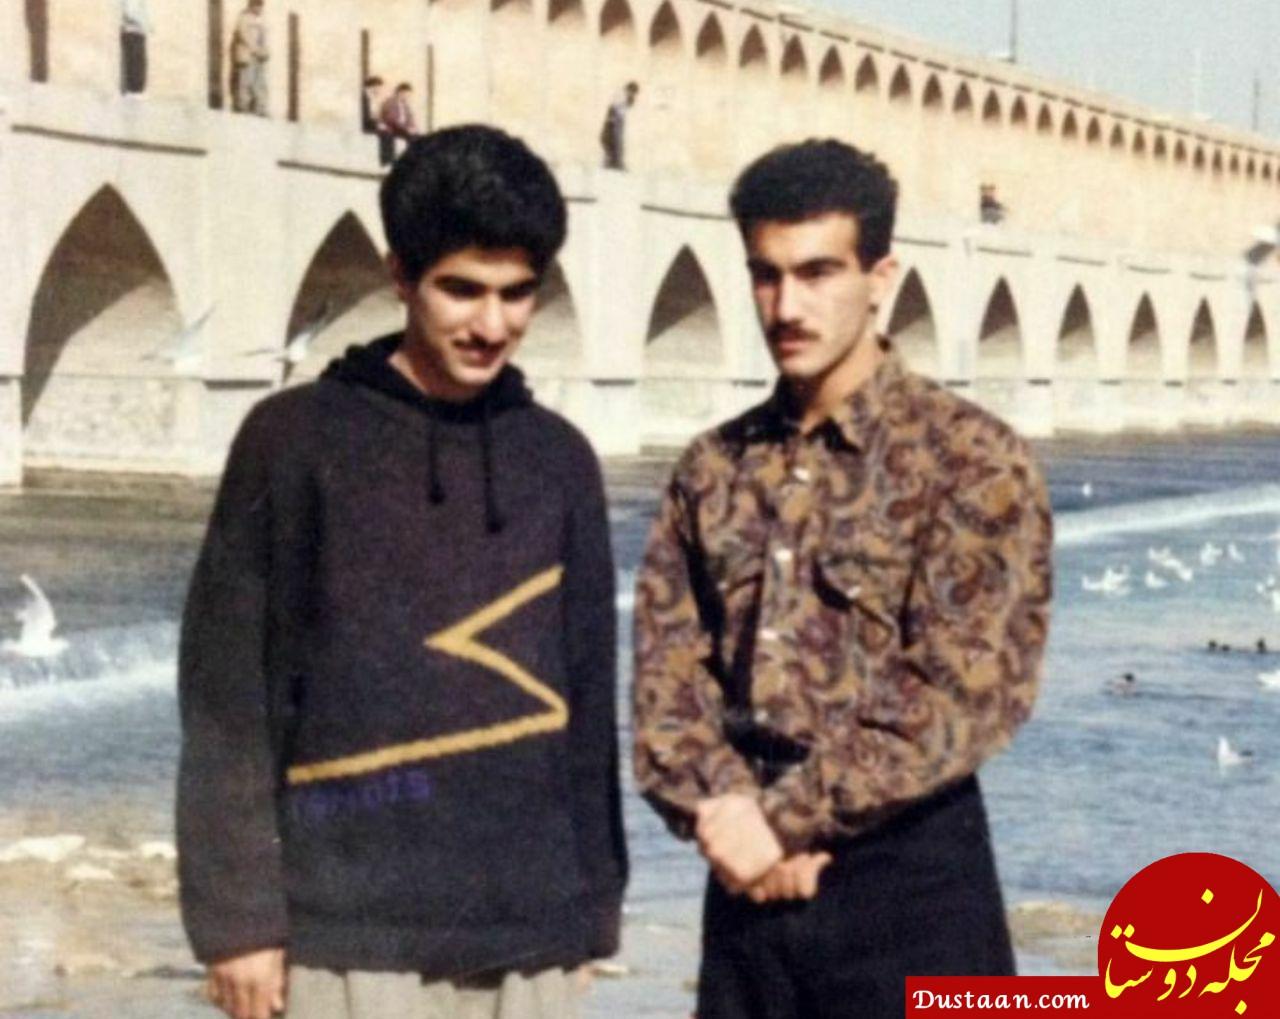 رقابت داغ محسن تنابنده و مهدی هاشمی در نوروز ۹۹